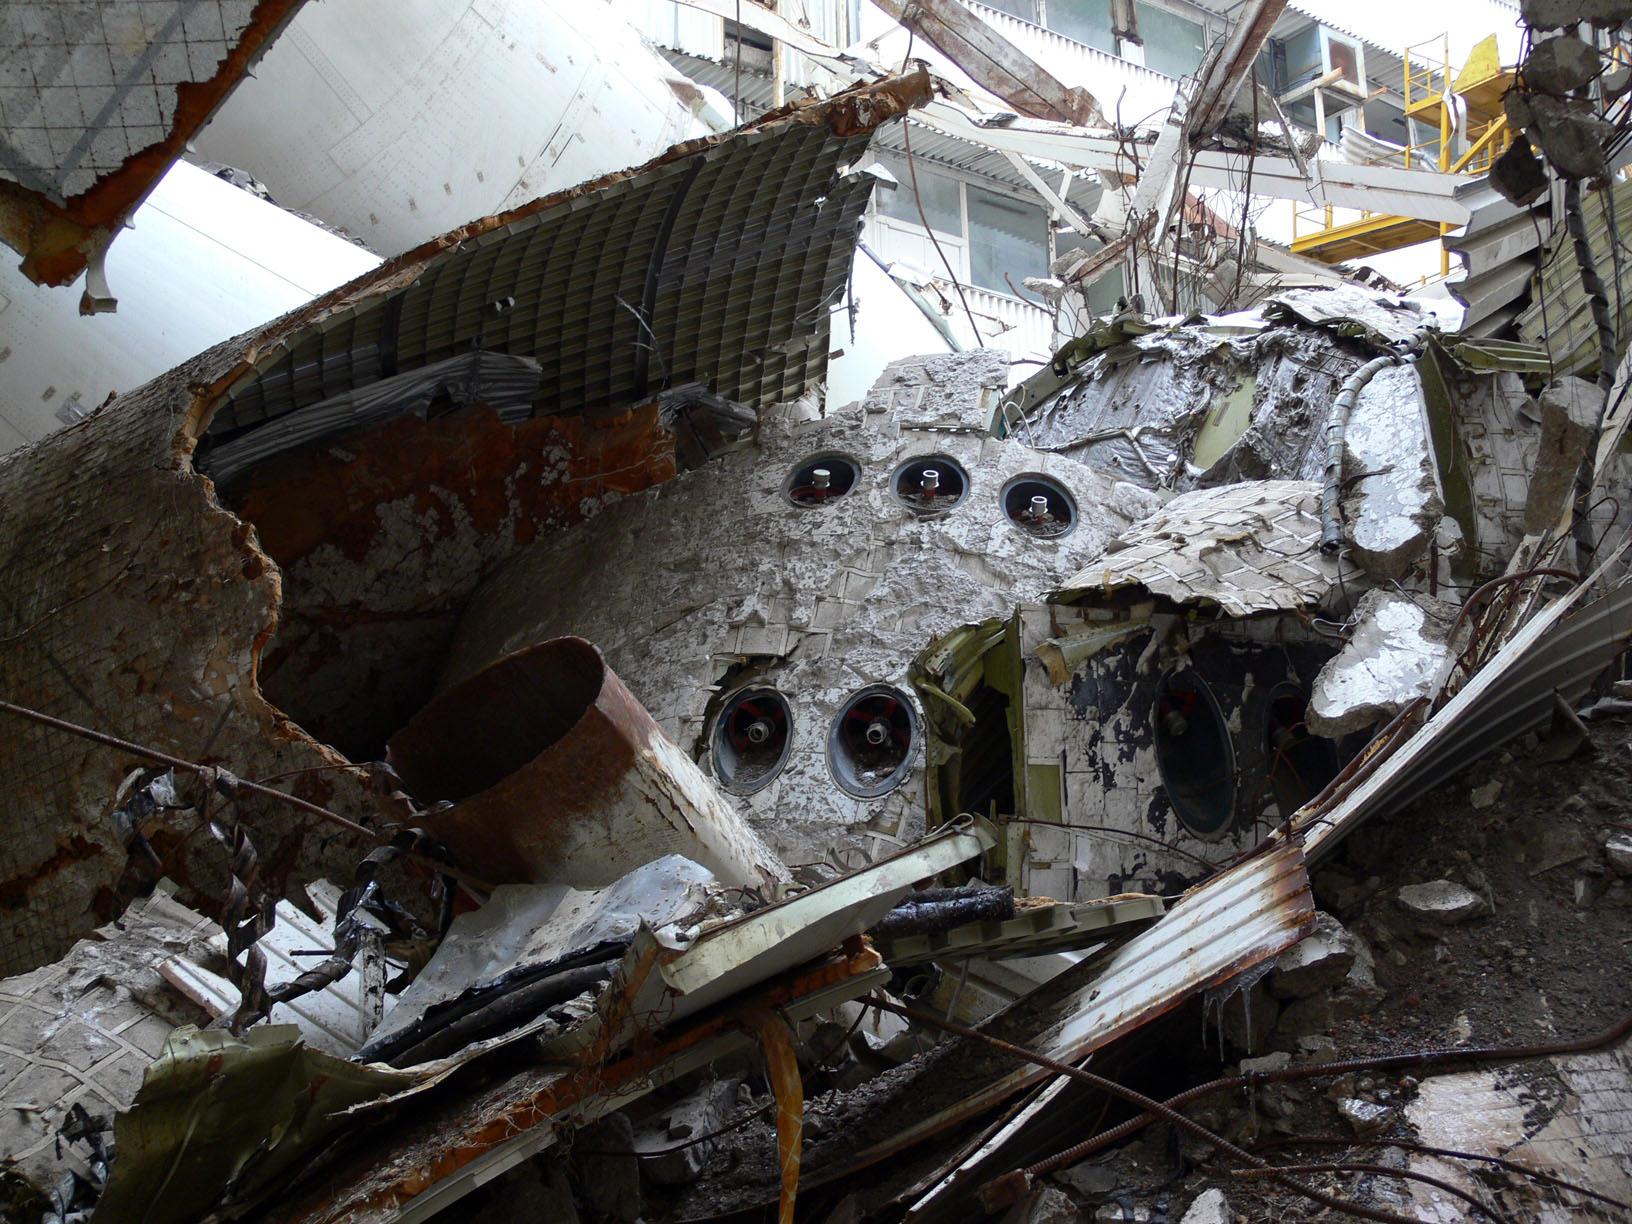 navette spatiale russe buran destruction toit 2002 05 Buran, la navette spatiale Russe